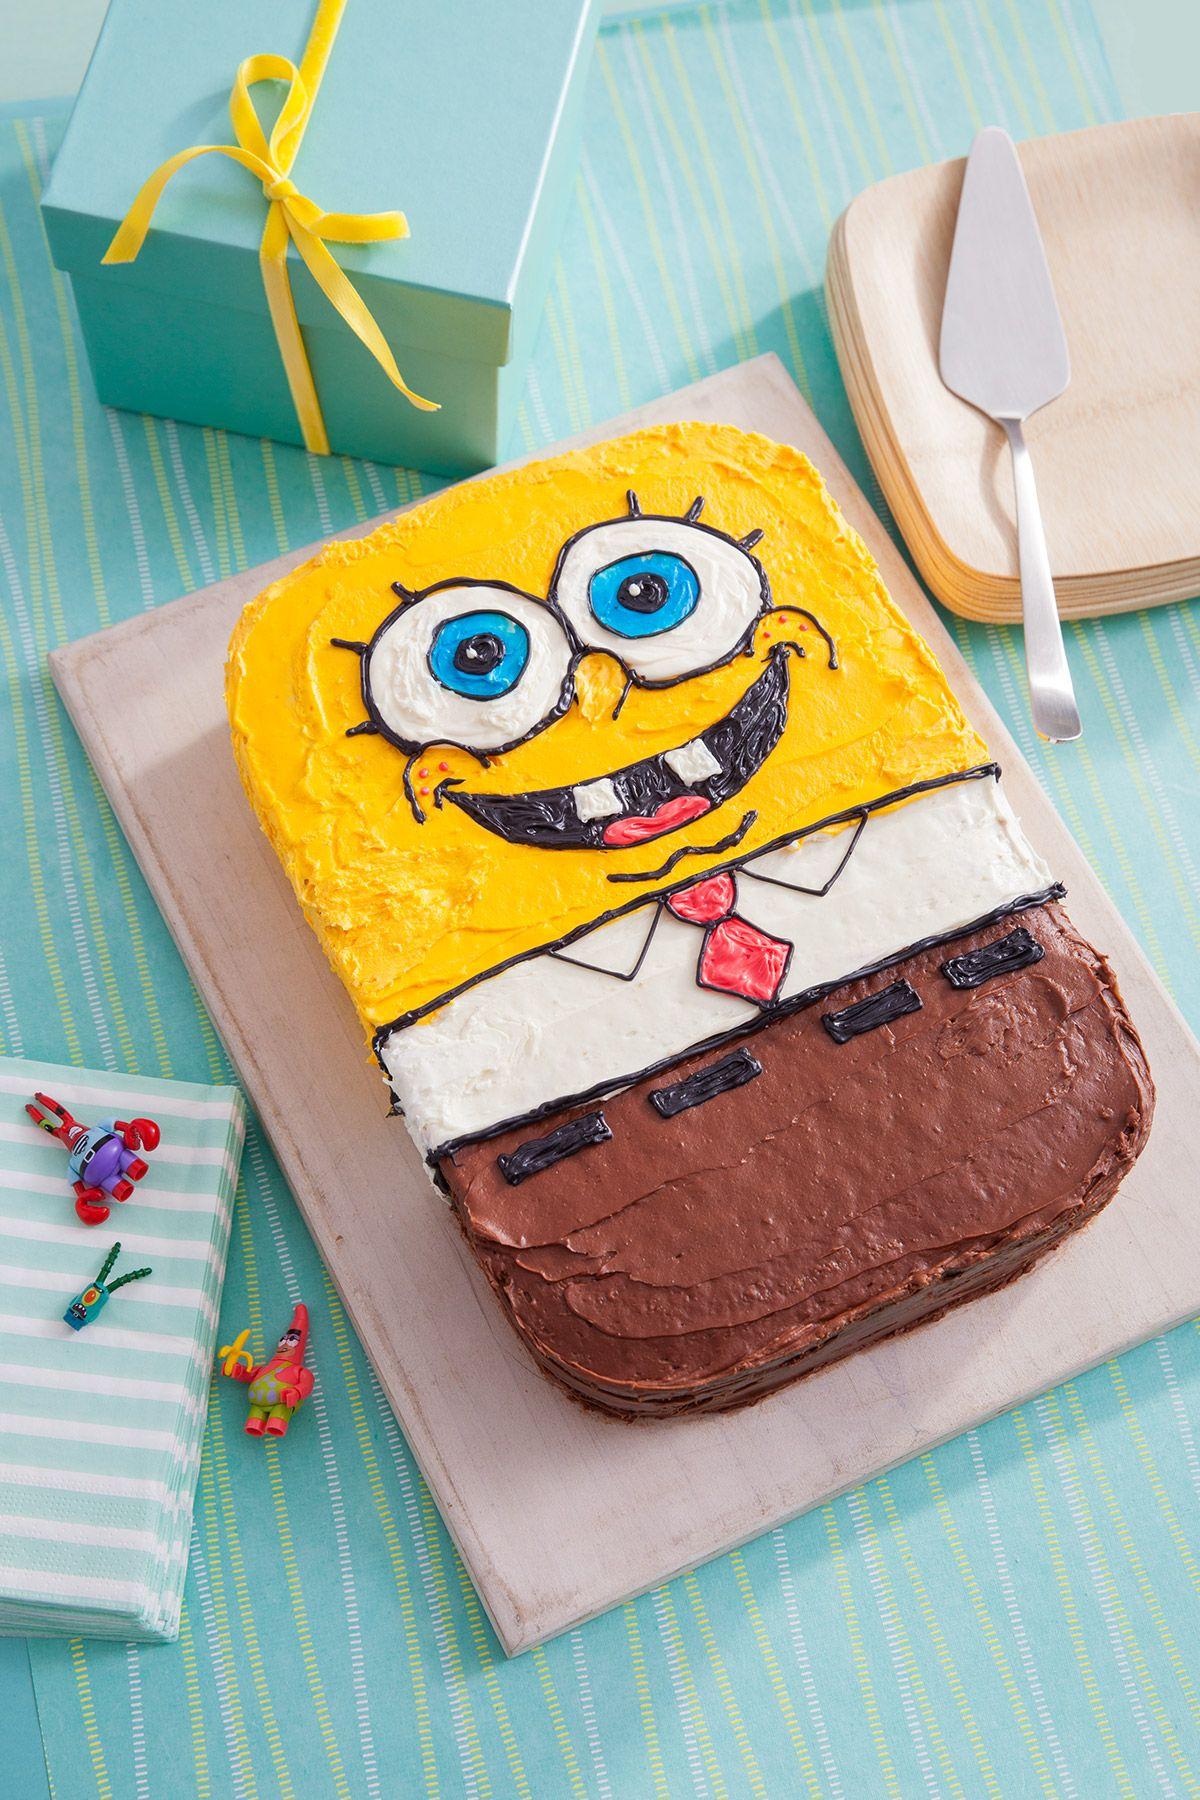 SpongeBob Birthday Cake Recipe Birthday cakes, Birthdays